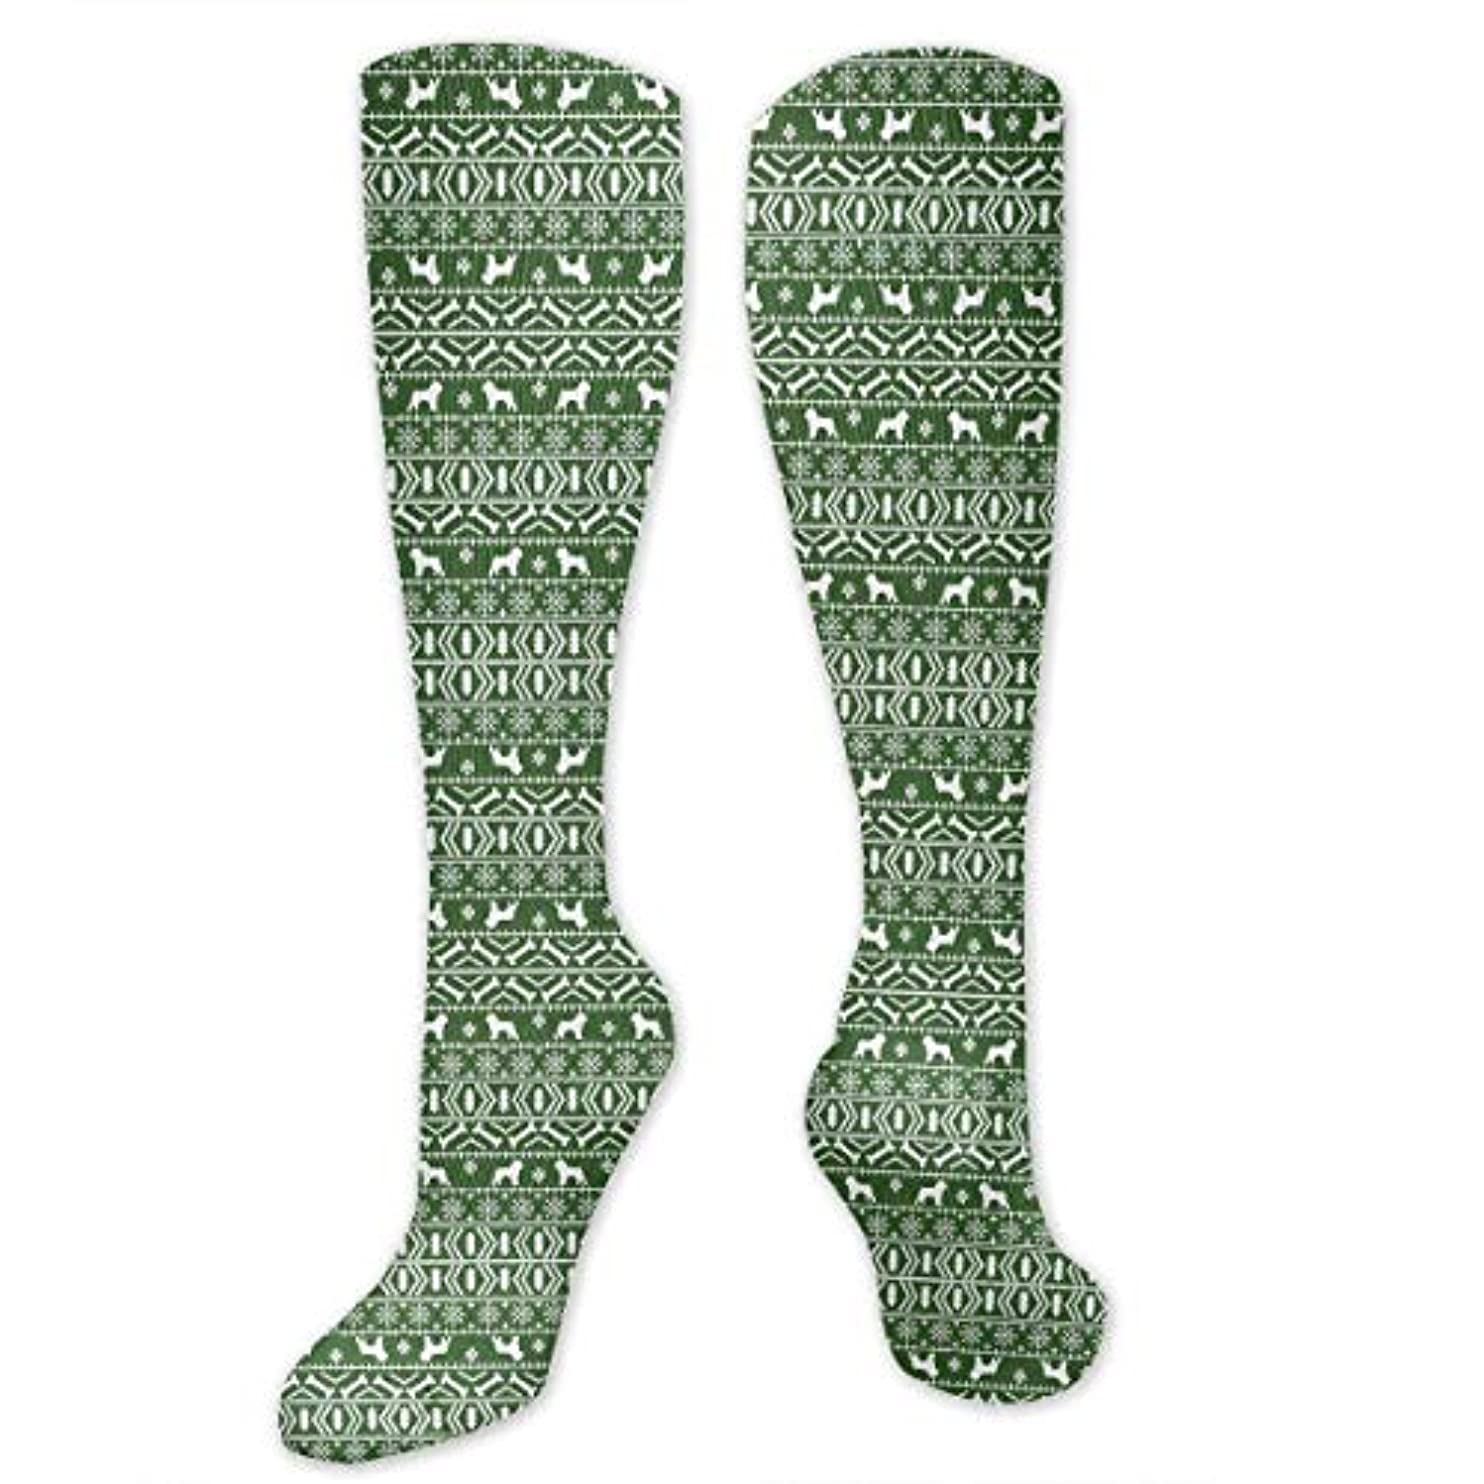 リスナー包帯信じる靴下,ストッキング,野生のジョーカー,実際,秋の本質,冬必須,サマーウェア&RBXAA Brussels Griffon Fair Isle Christmas Socks Women's Winter Cotton Long...